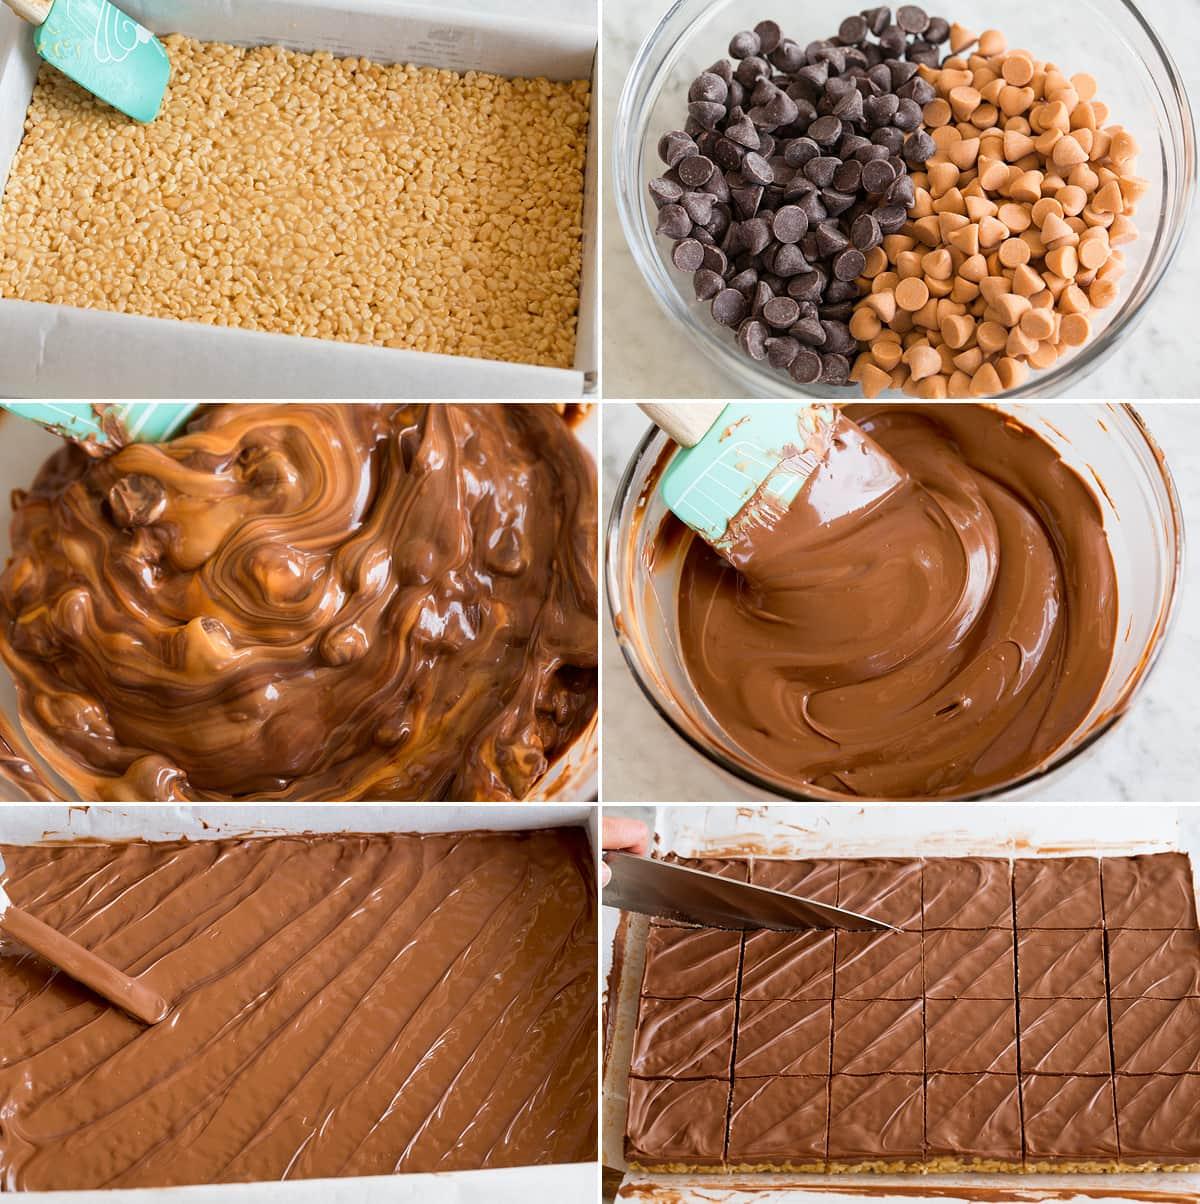 Collage de seis imágenes que muestran los pasos para esparcir la mezcla de scotcheroo en la sartén, derretir el chocolate y esparcir la mezcla en la sartén.